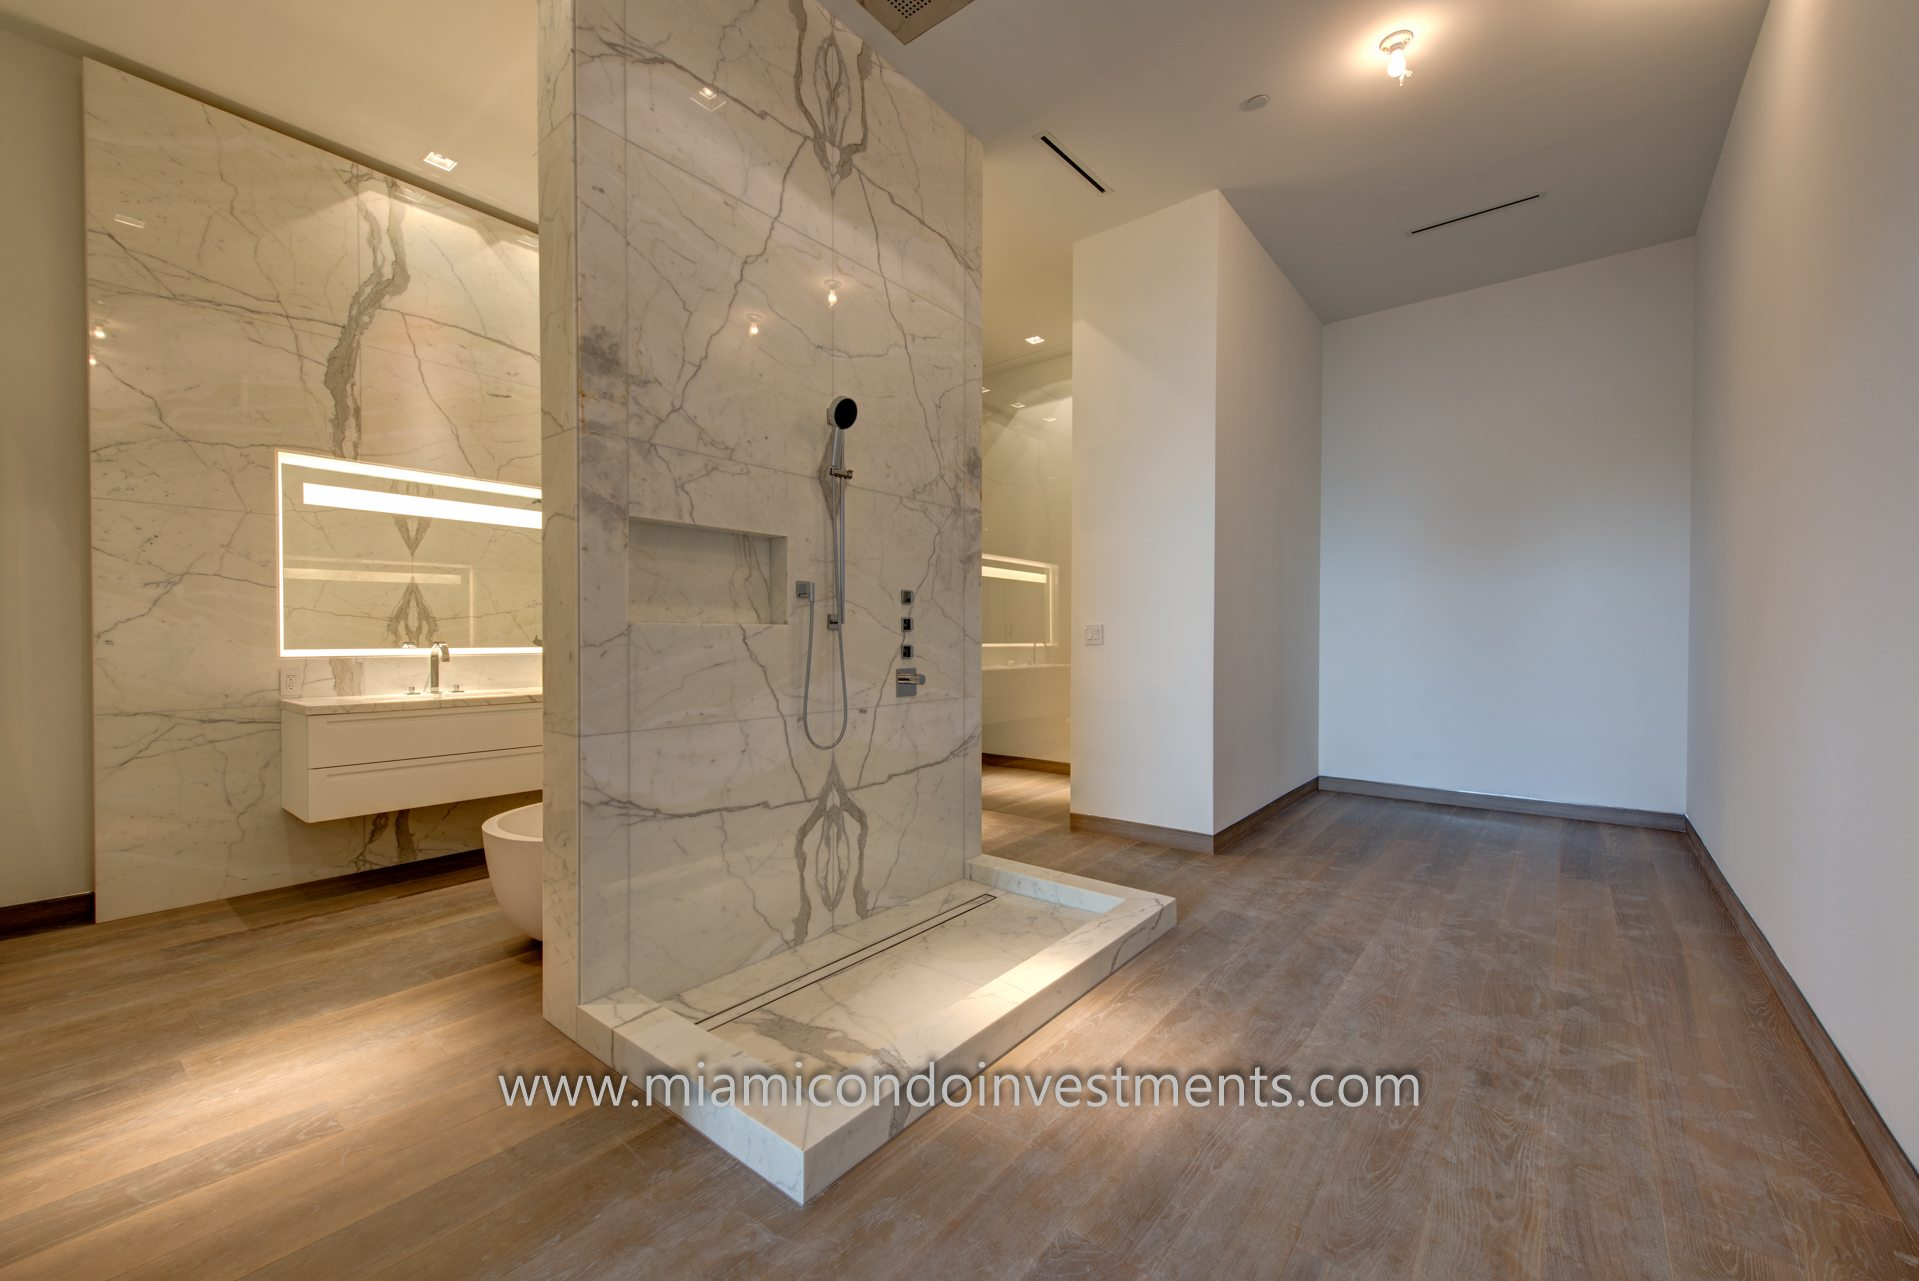 Palazzo Del Sol PH1 master bathroom